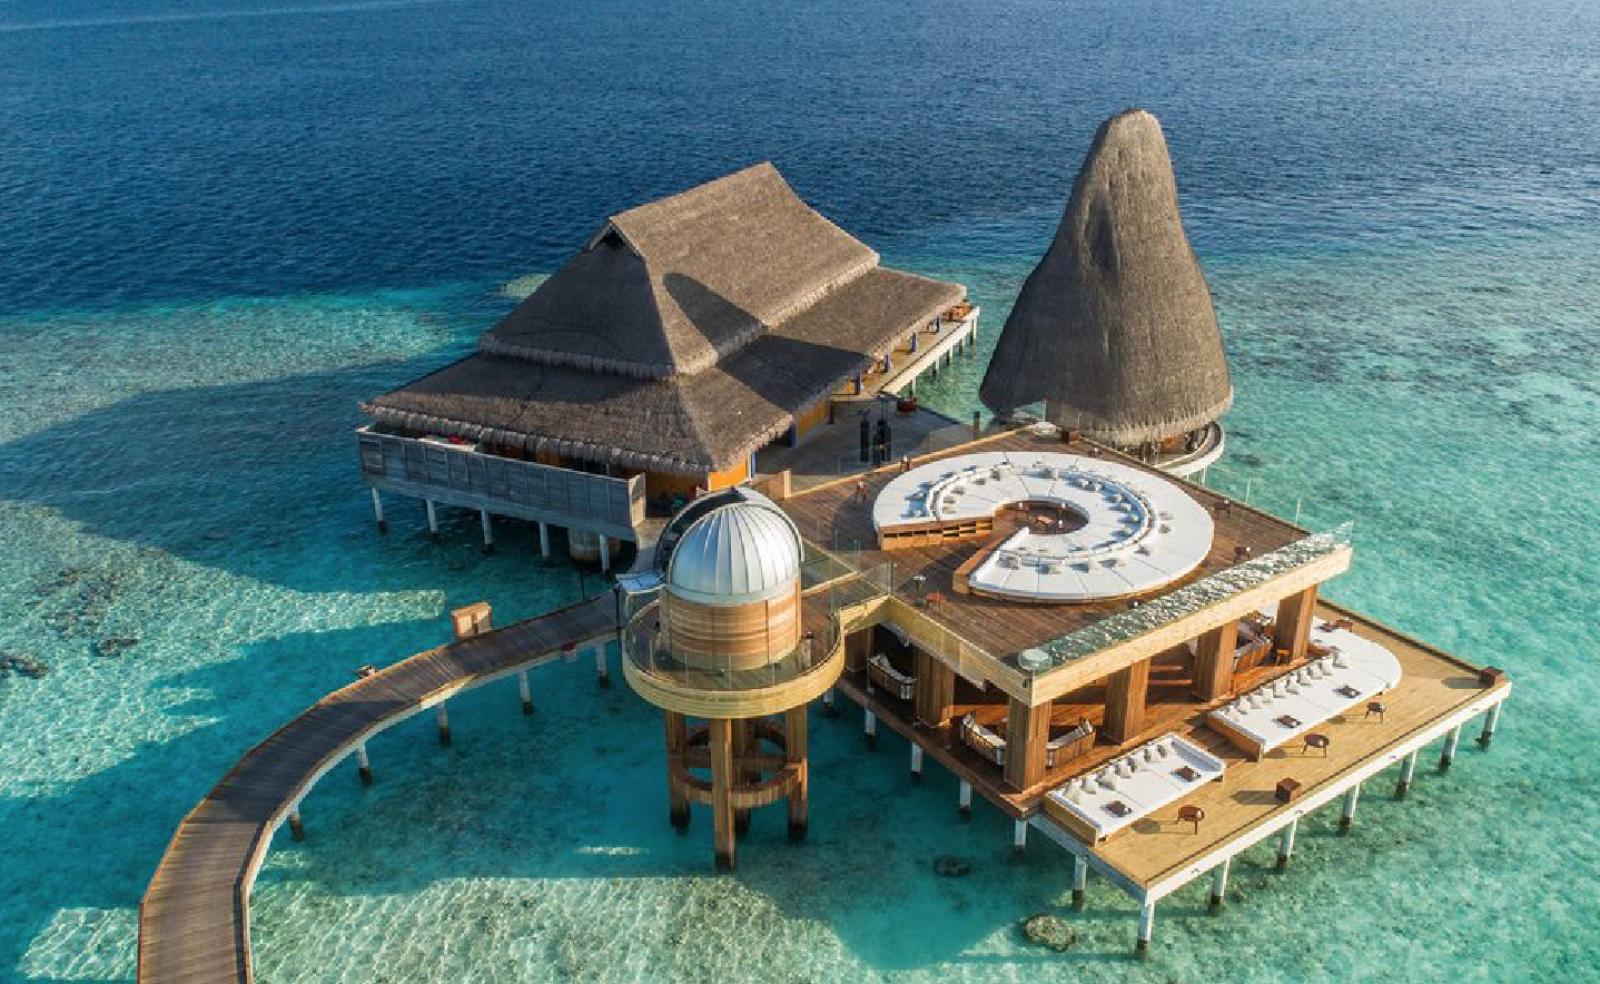 (foto) Cel mai postat pe Instragam hotel din lume: Se află în Maldive și cuprinde 80 de vile cu litoral privat